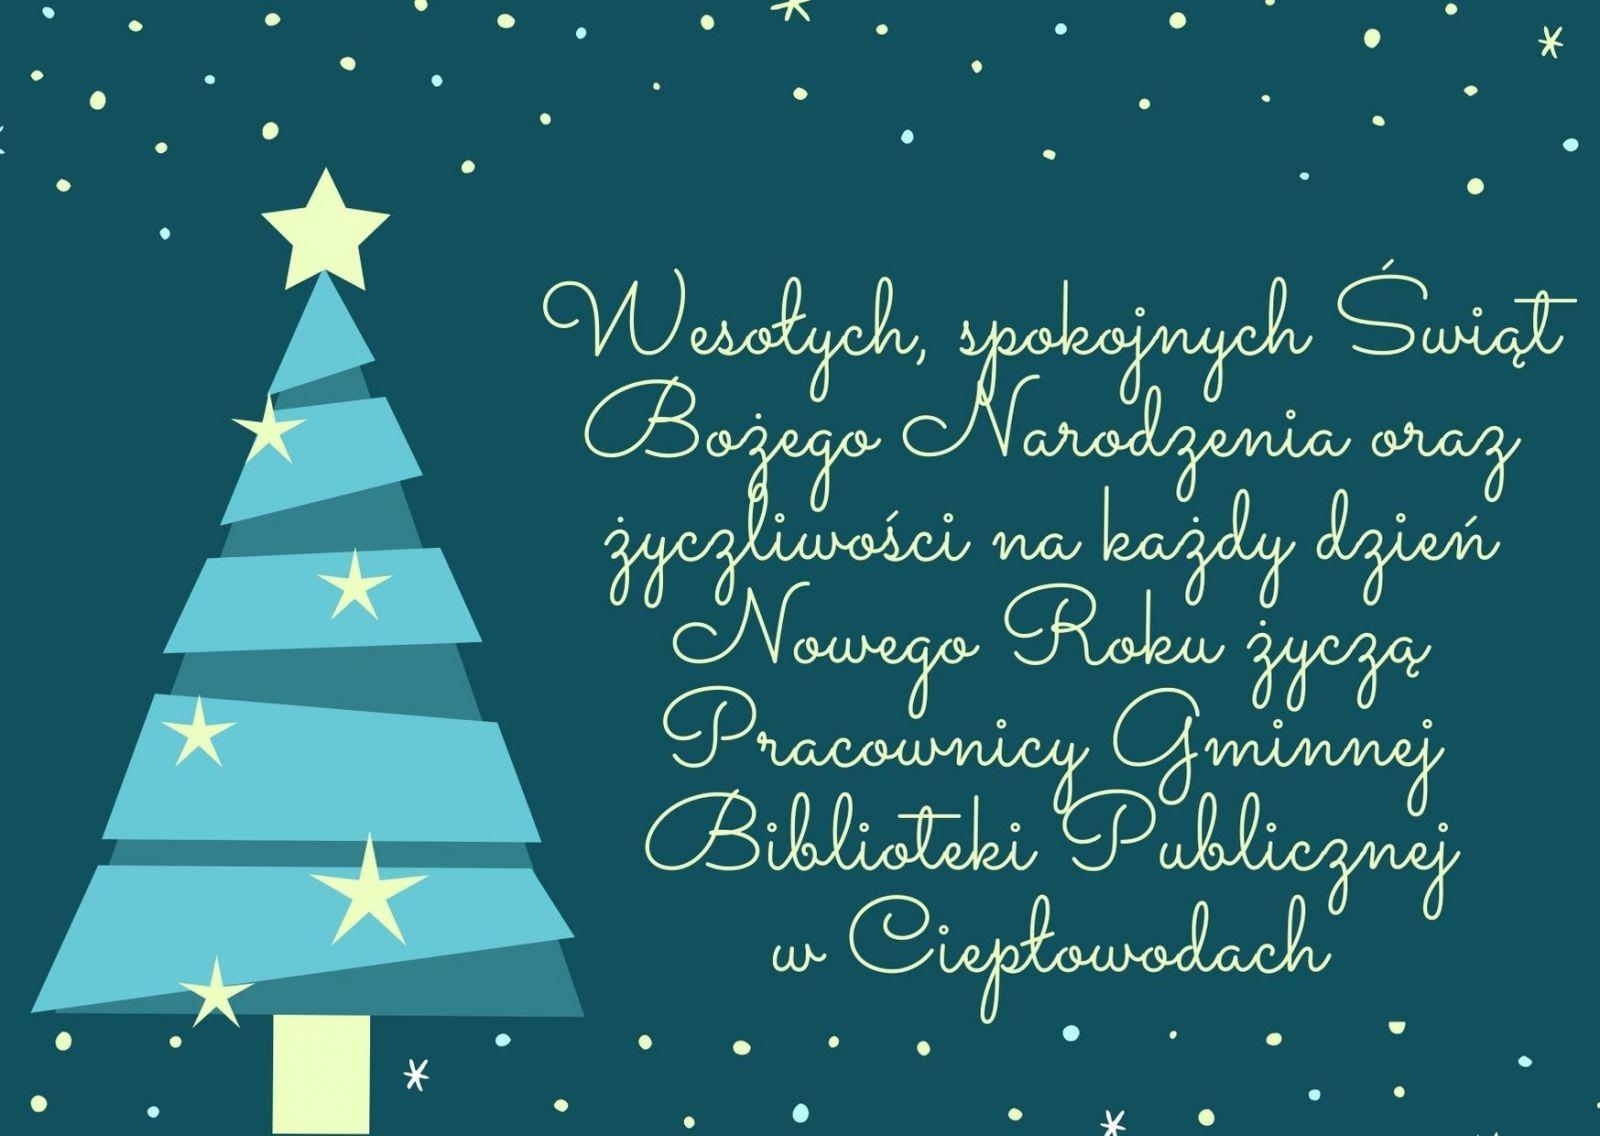 Wesołych, spokojnych Świąt Bożego Narodzenia oraz życzliwości na każdy dzień Nowego Roku życzą Pracownicy Gminnej Biblioteki Publicznej w Ciepłowodach.